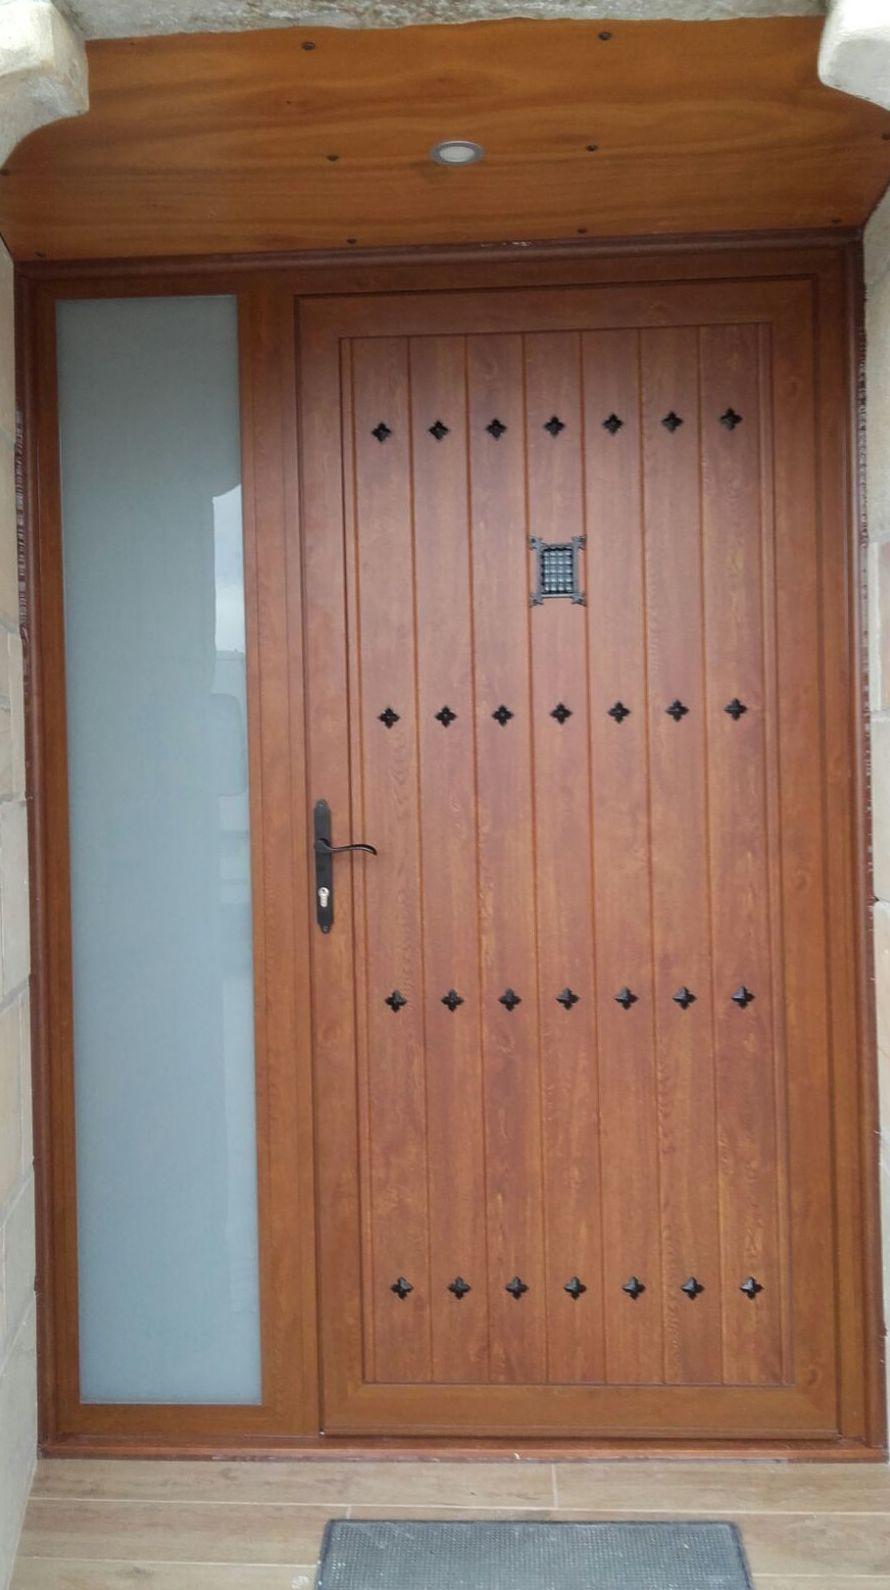 Puertas de aluminio imitaci n madera vitoria for Puertas de aluminio precios en rosario